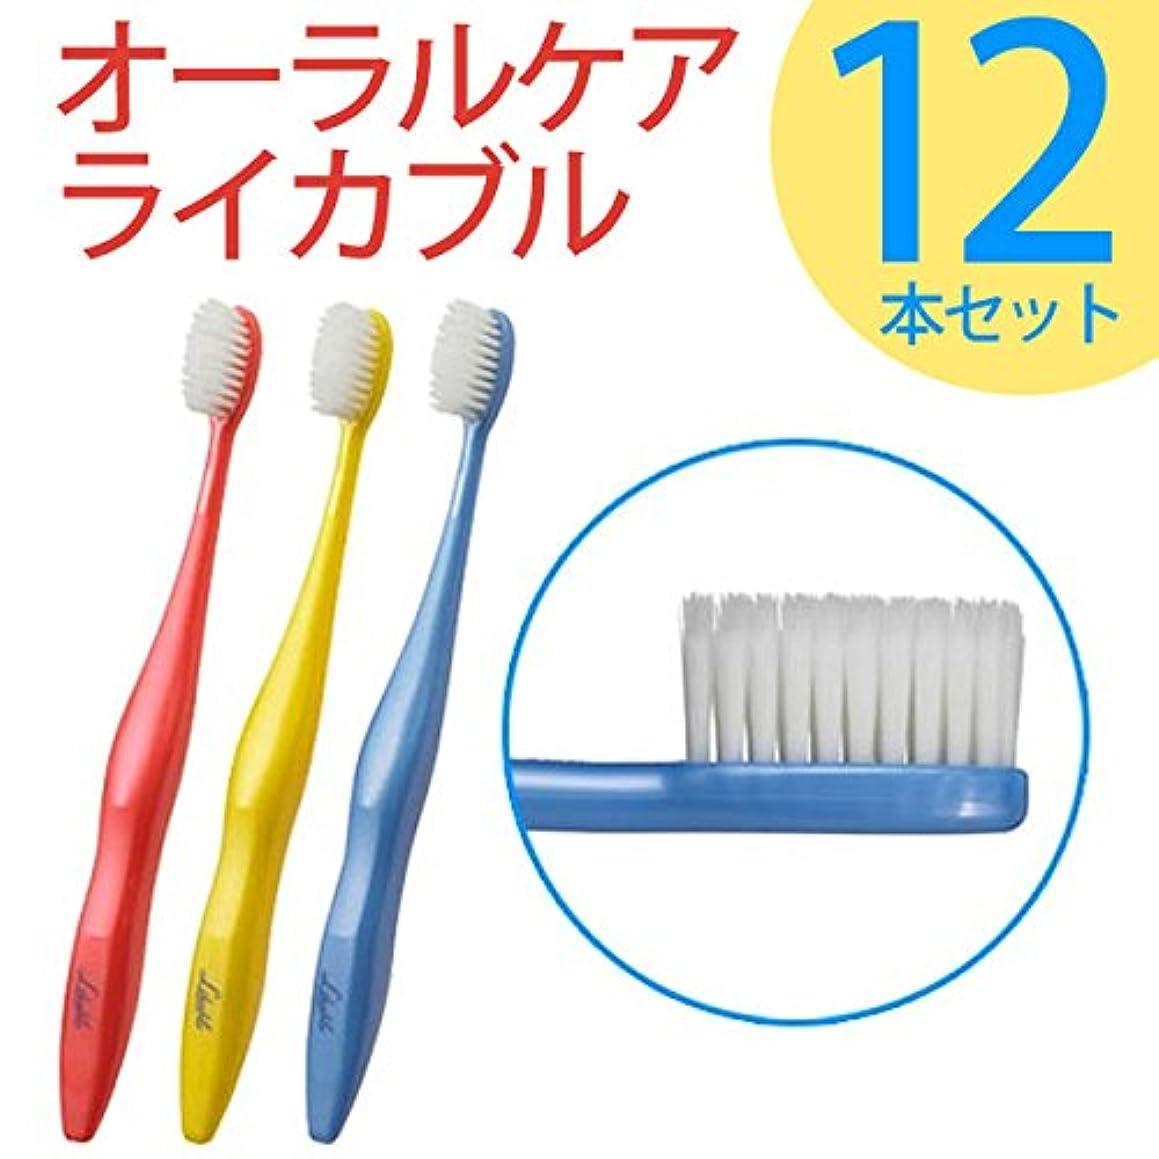 見通し誇張からに変化するライカブル ライカブル メンテナンス用 歯ブラシ 12本セット